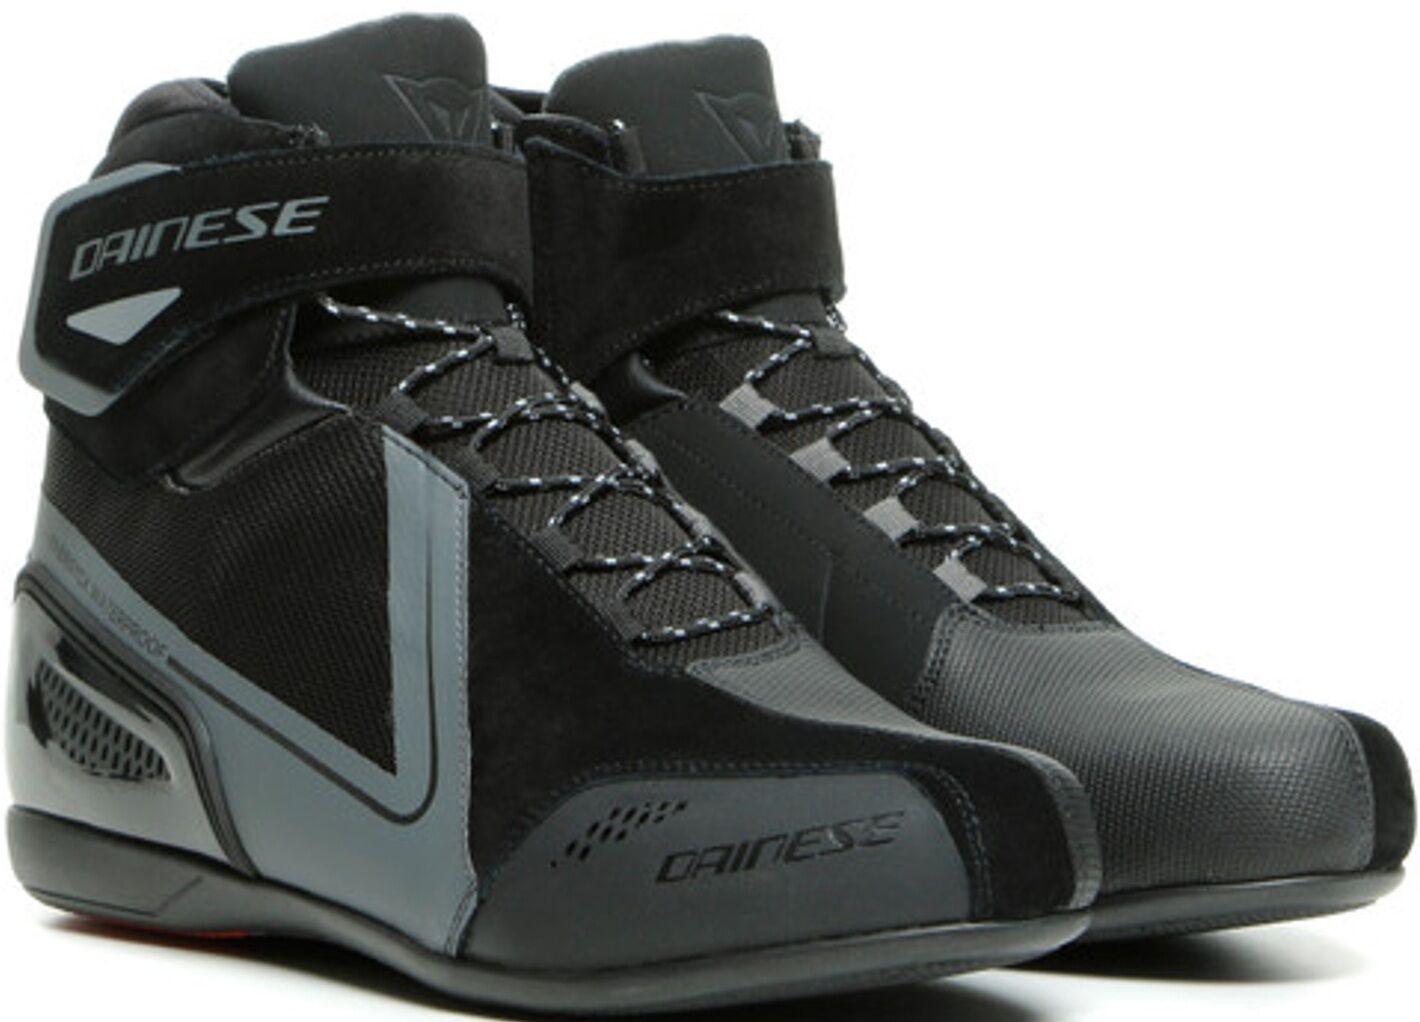 Dainese Energyca D-WP chaussures de moto imperméables à l'eau Noir Gris taille : 47